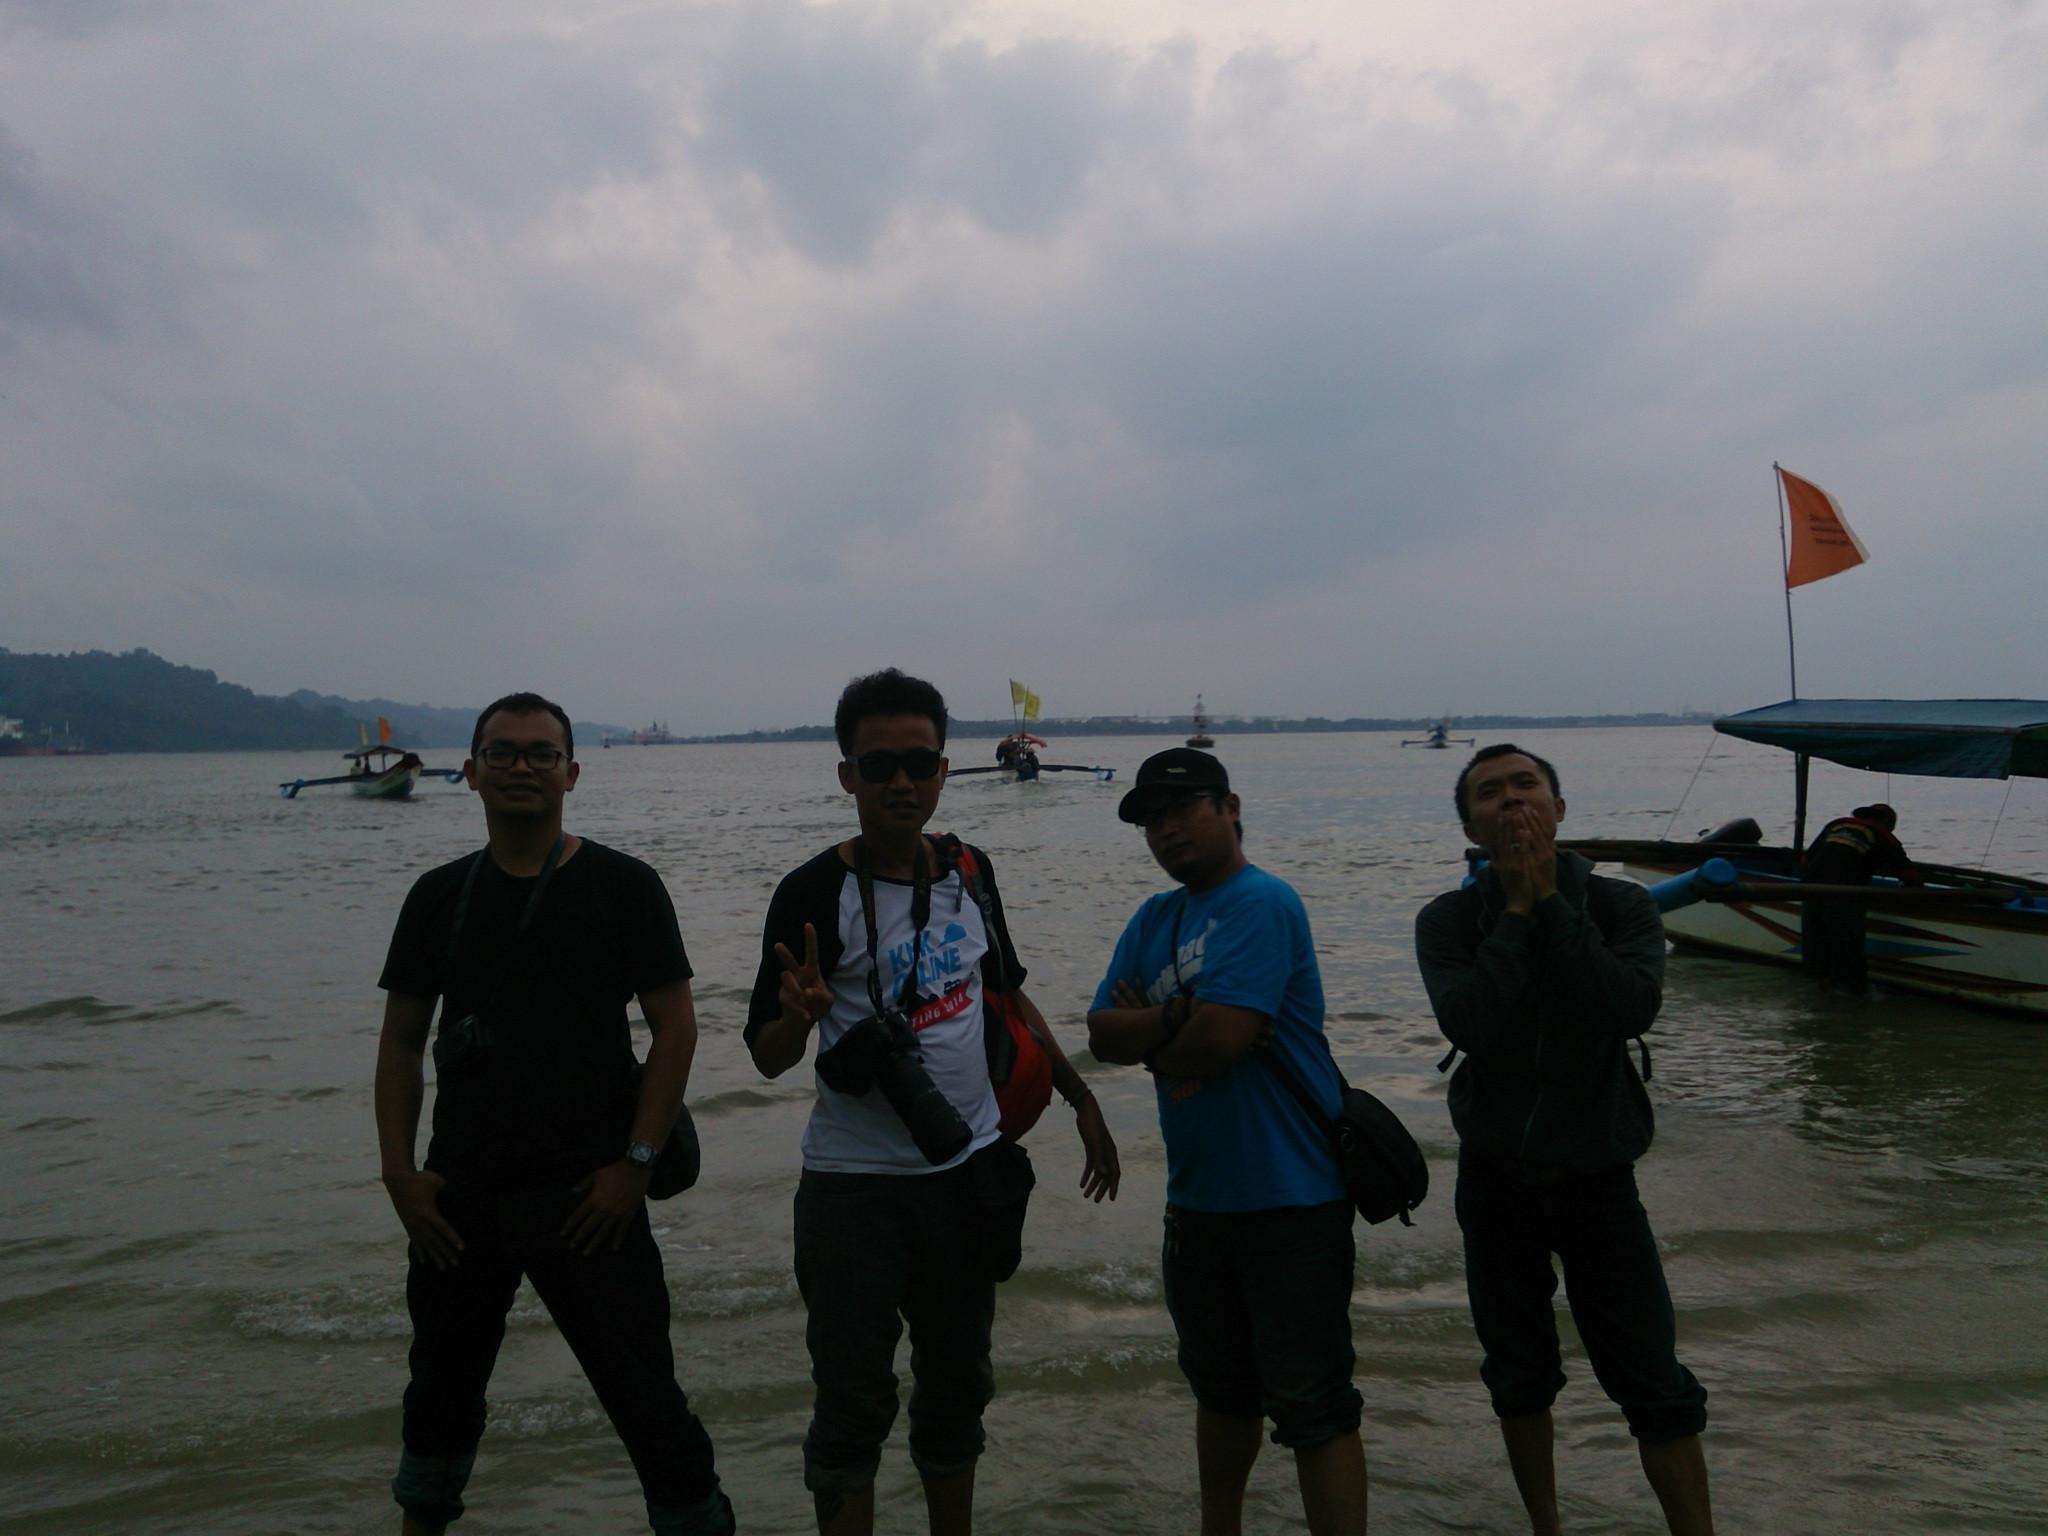 Pantai Pasir Putih di Pulau Nuskambangan (Liputan6.com/Oscar Ferri).